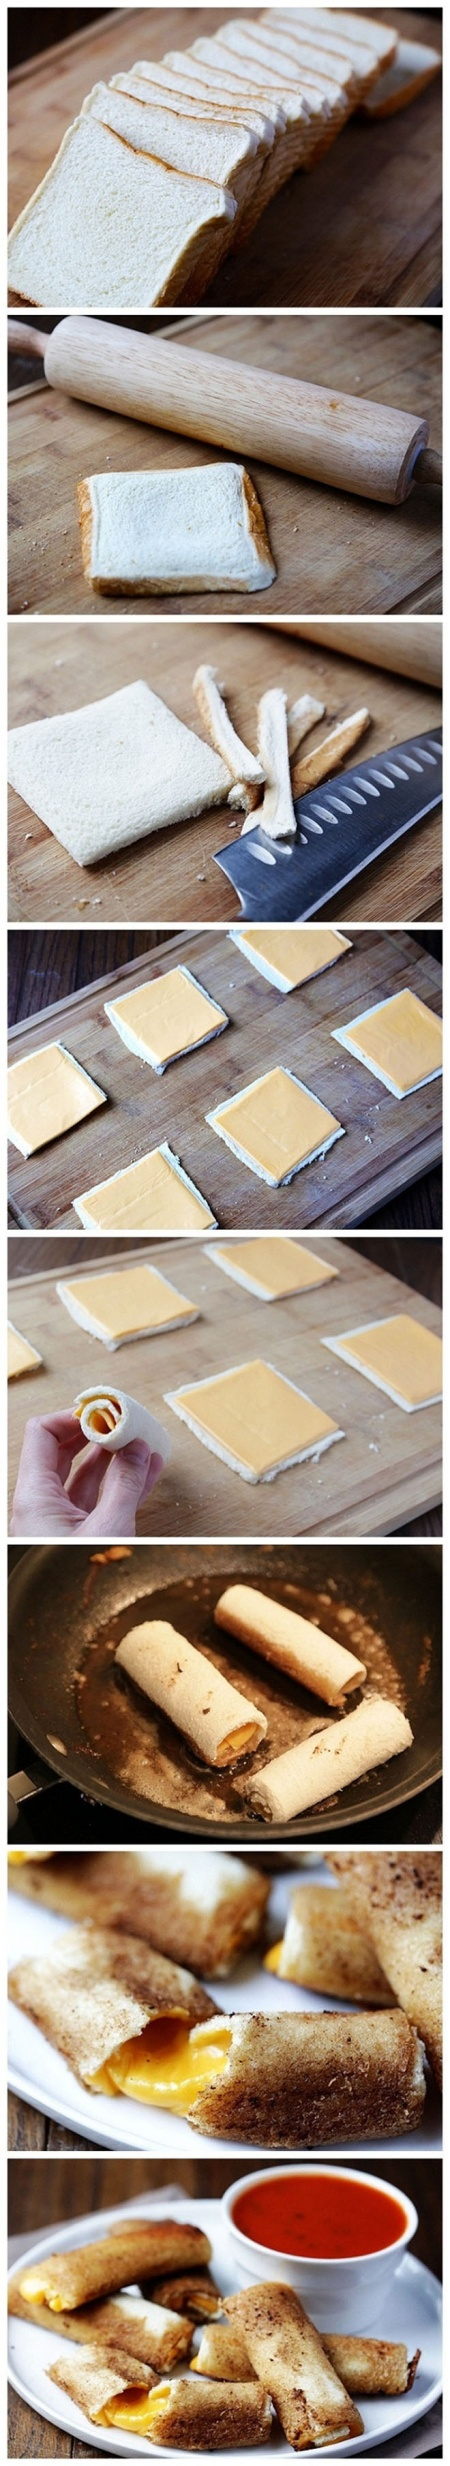 rolinhos de queijo - 10 Alimentos Preparados de Forma Original